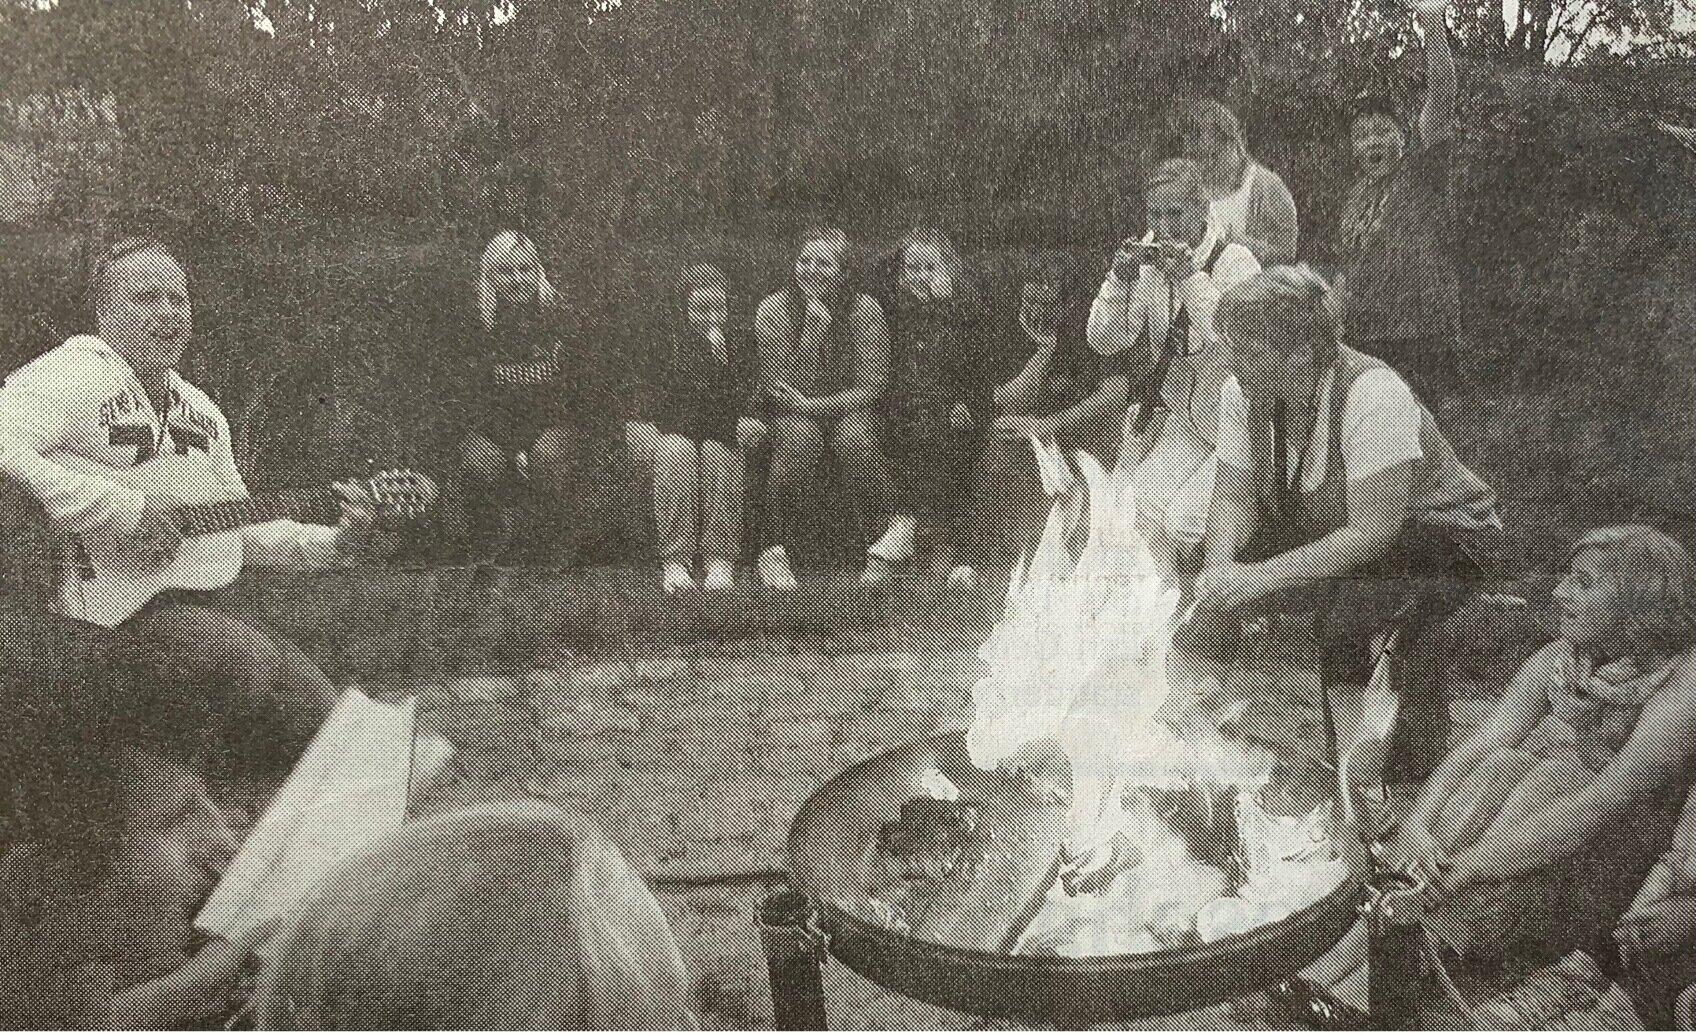 Am Lagerfeuer wurde gesungen und gegessen